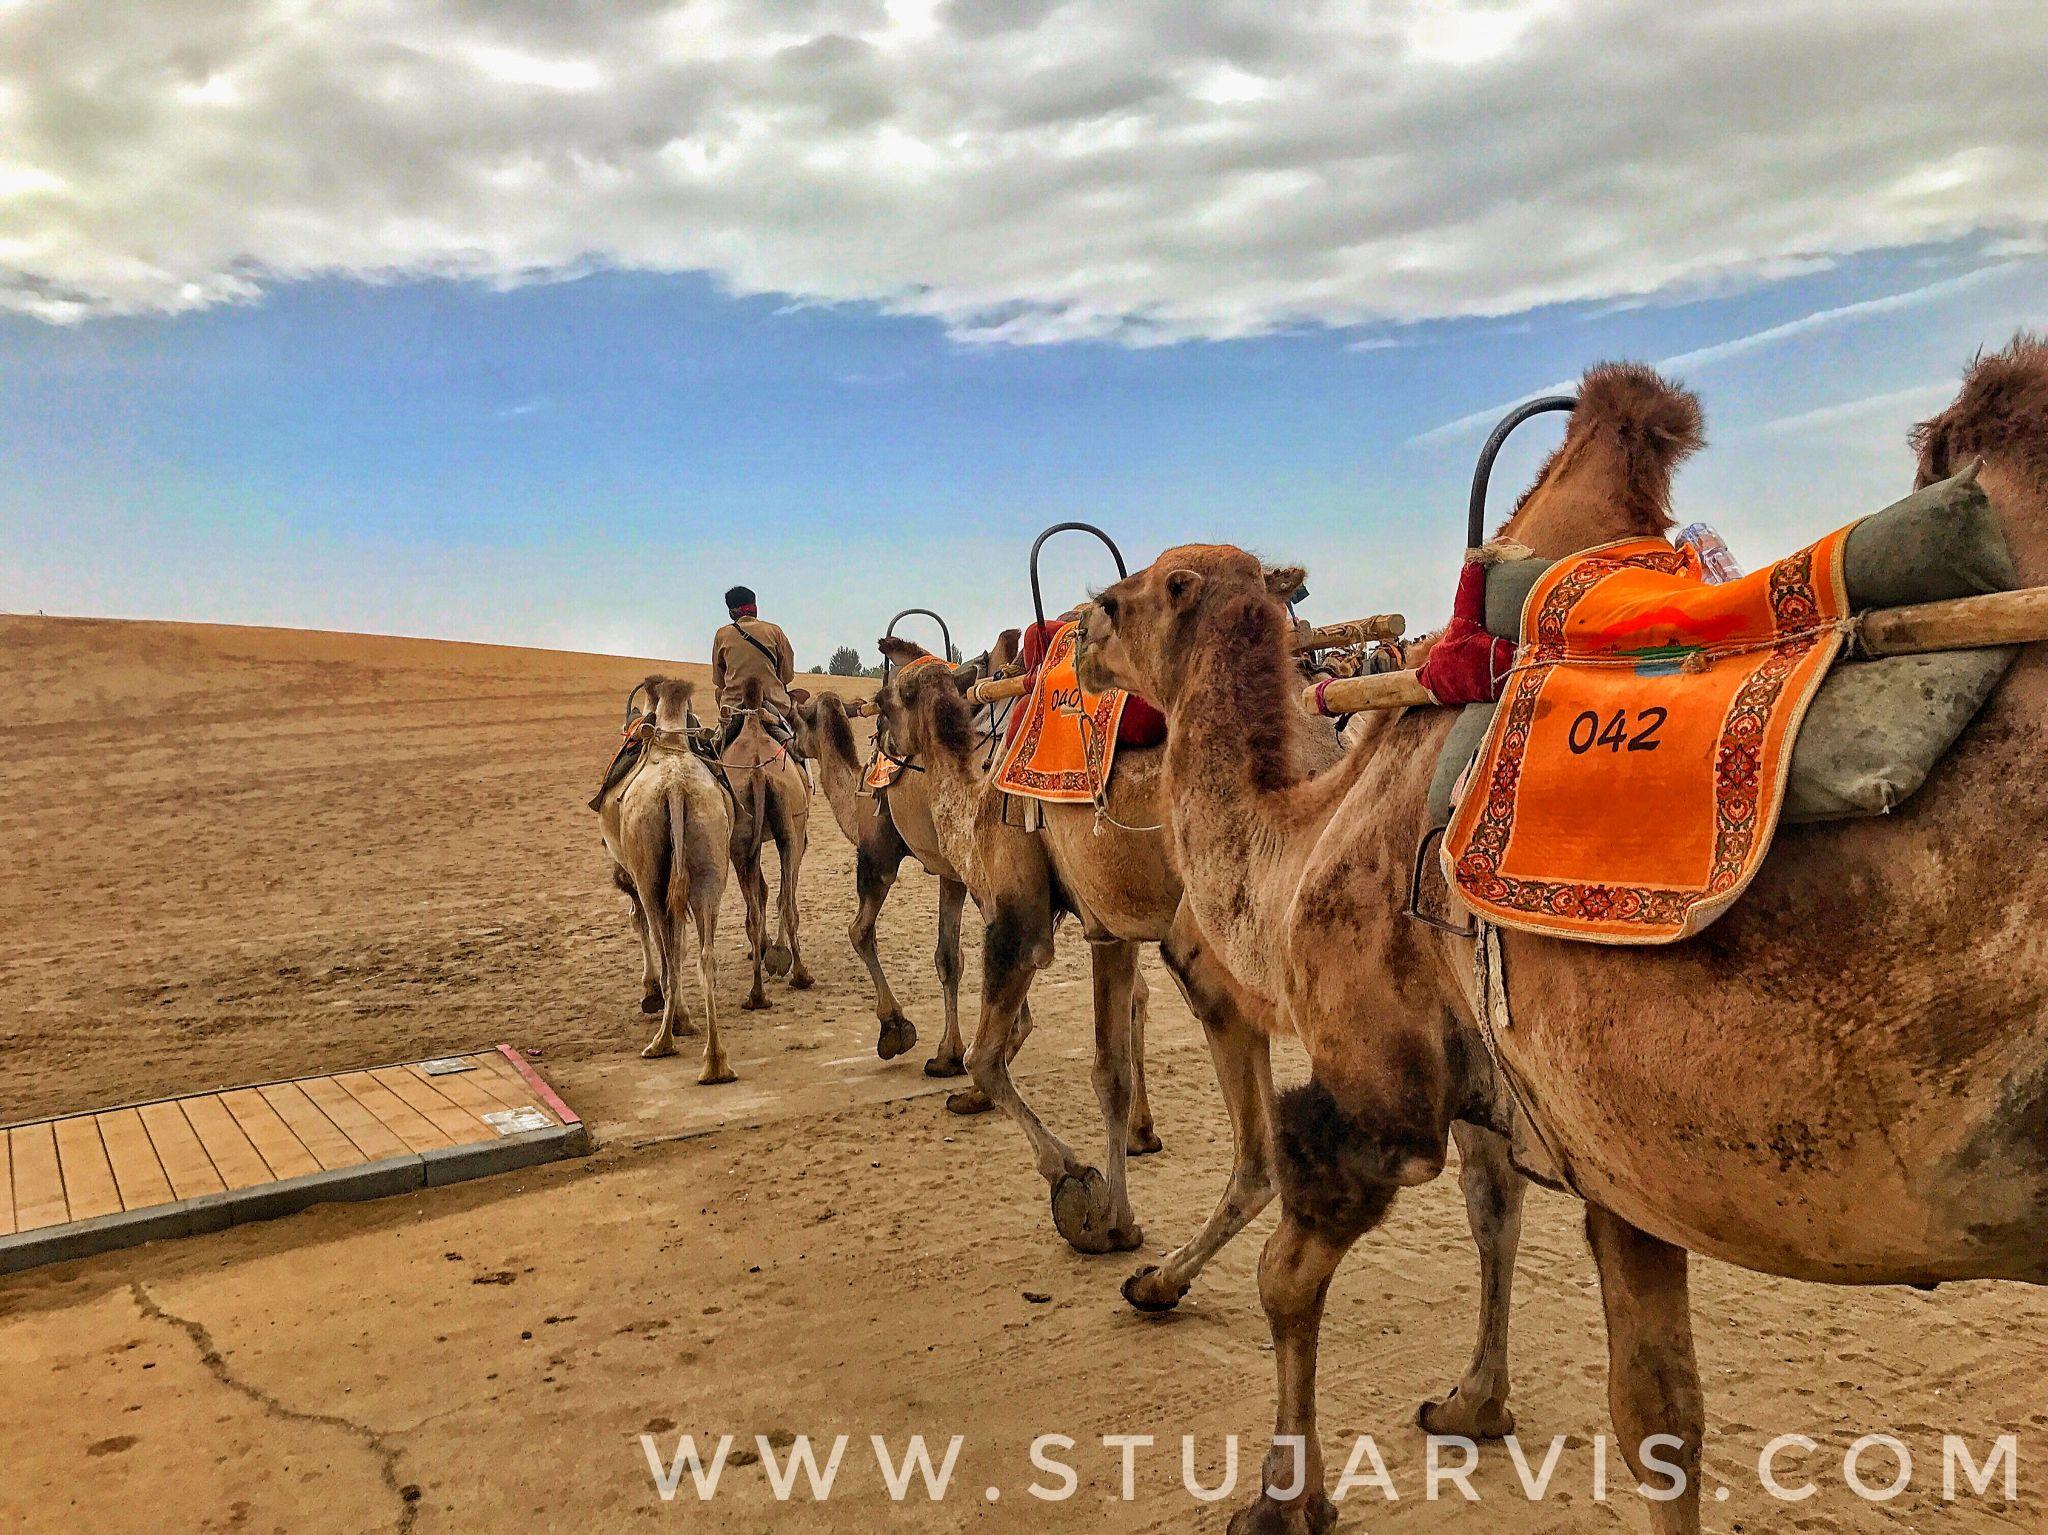 Camels at the Crescent Lake, Dunhuang, China.